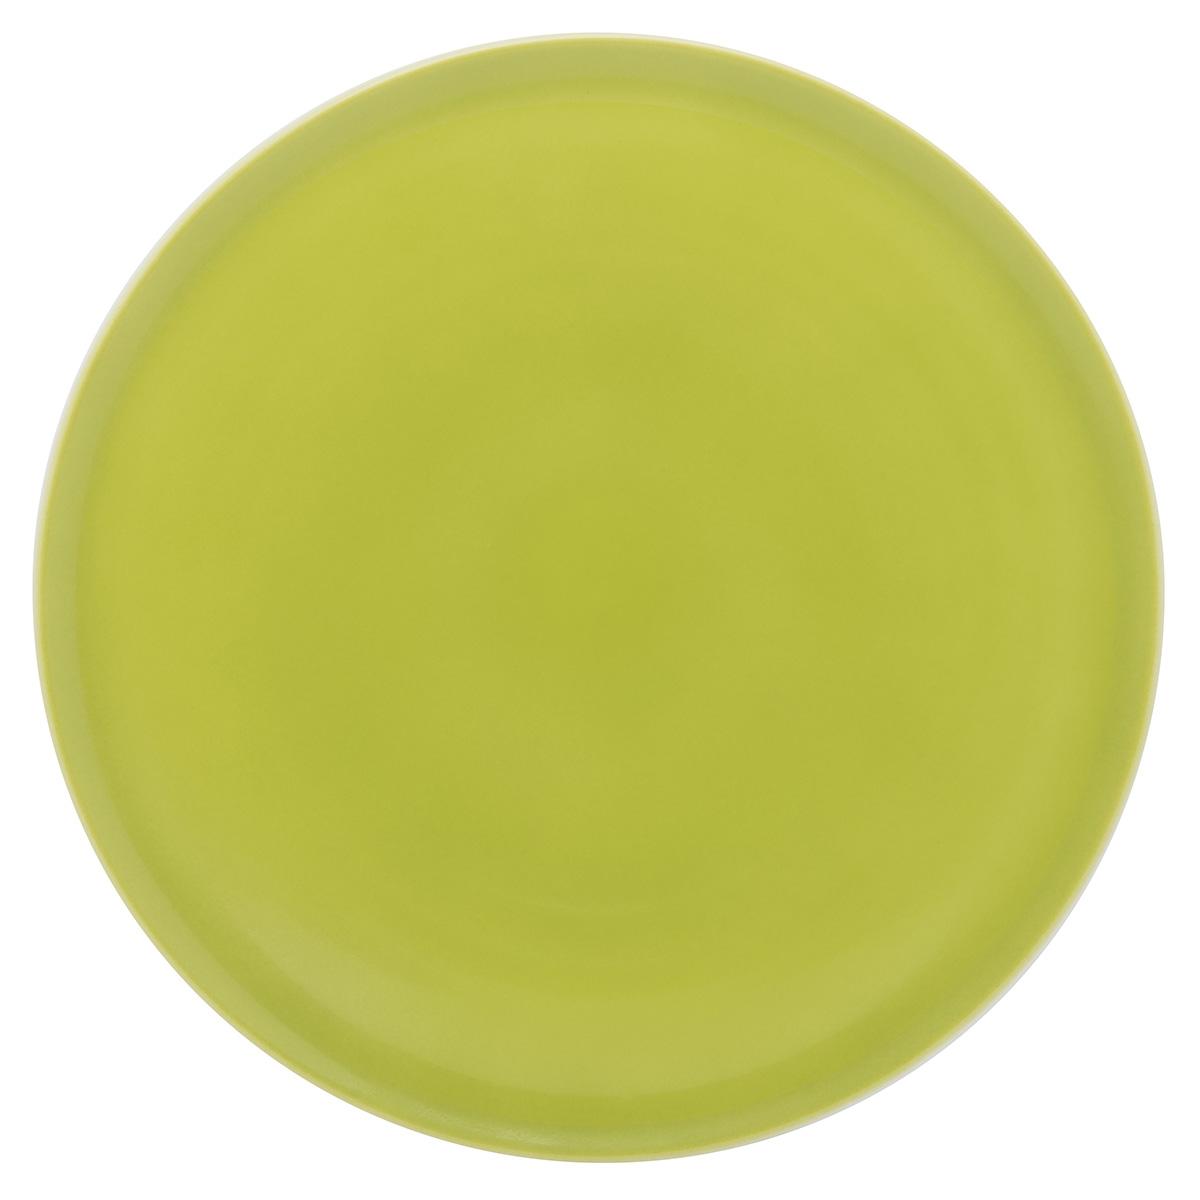 modulo color mousse plat rectangulaire 40x16 cm cuisson la table parisienne. Black Bedroom Furniture Sets. Home Design Ideas